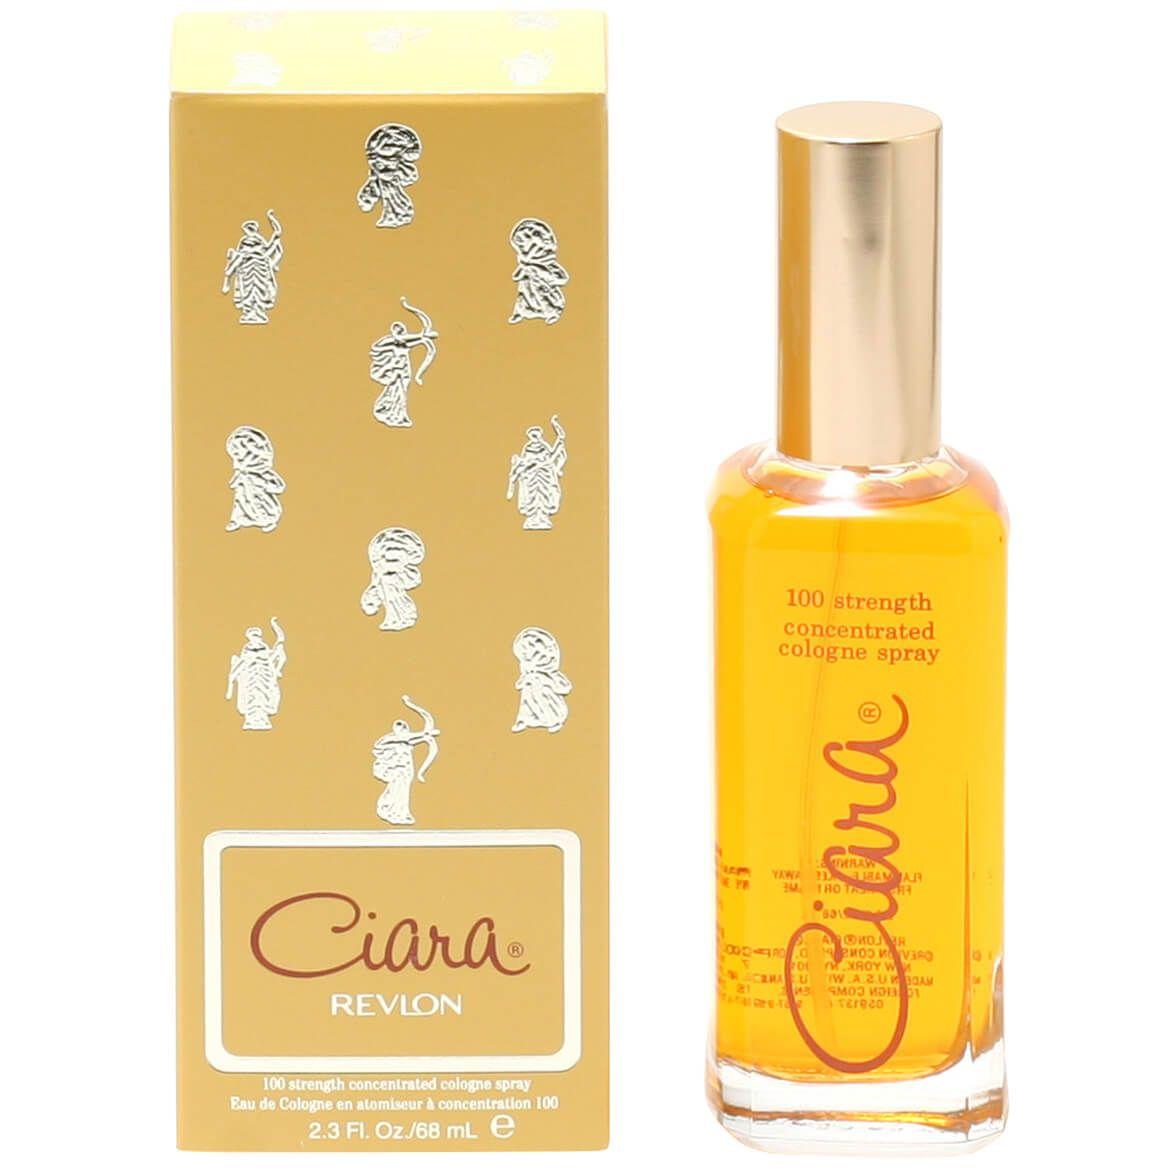 Ciara 100 Strength by Revlon Cologne Spray-350284